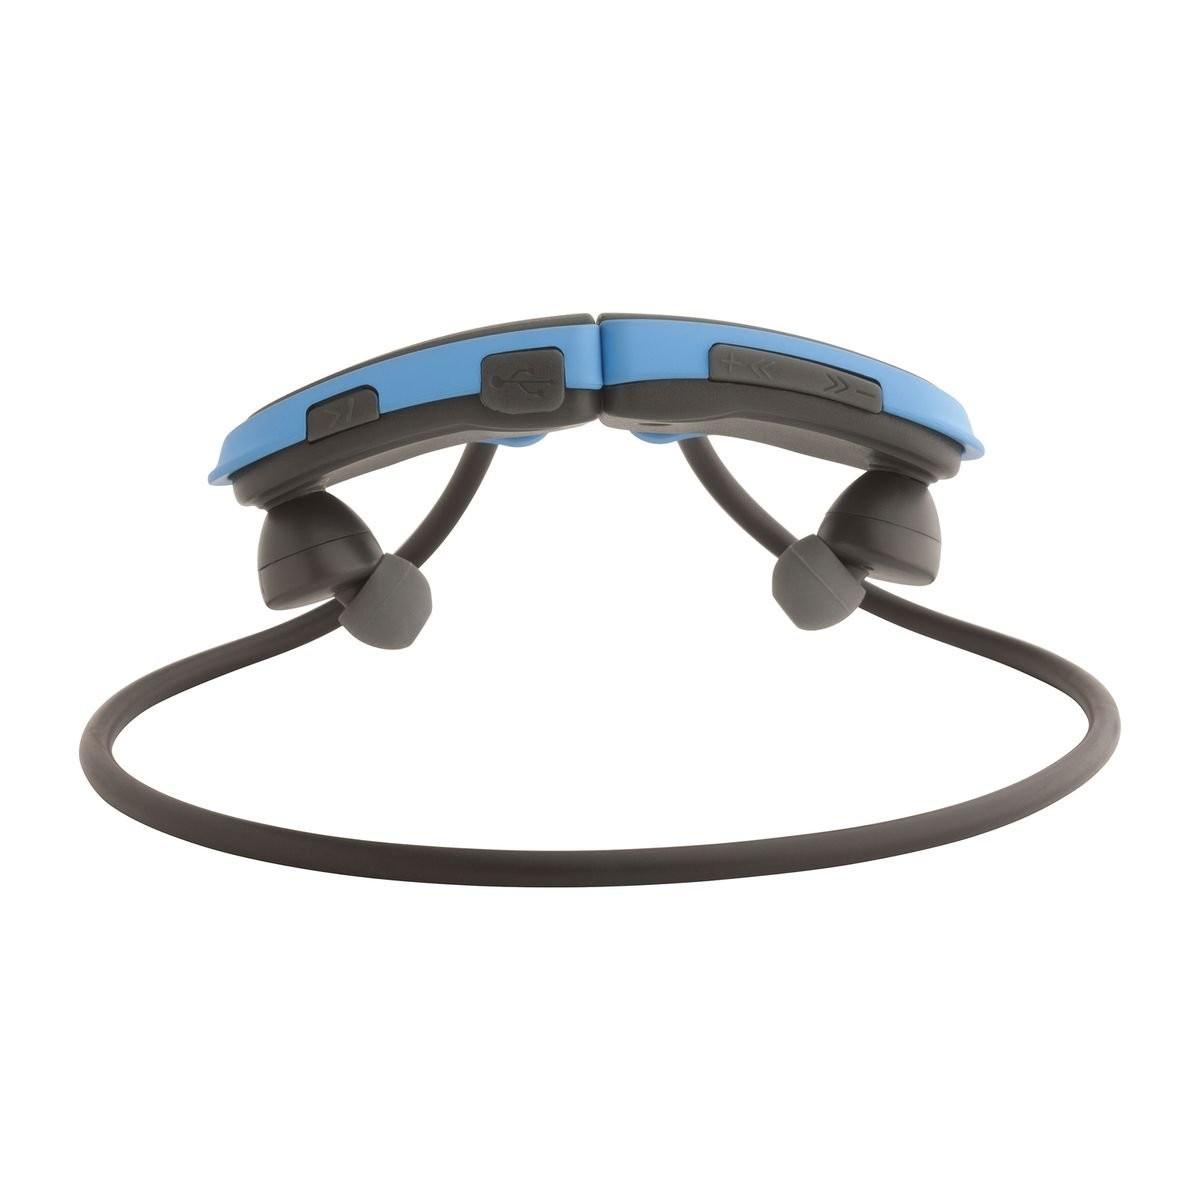 Kopfhörer mit Bluetooth® Technologie REFLECTS-BIDDEFORD BLACK LIGHT BLUE, Ansicht 3